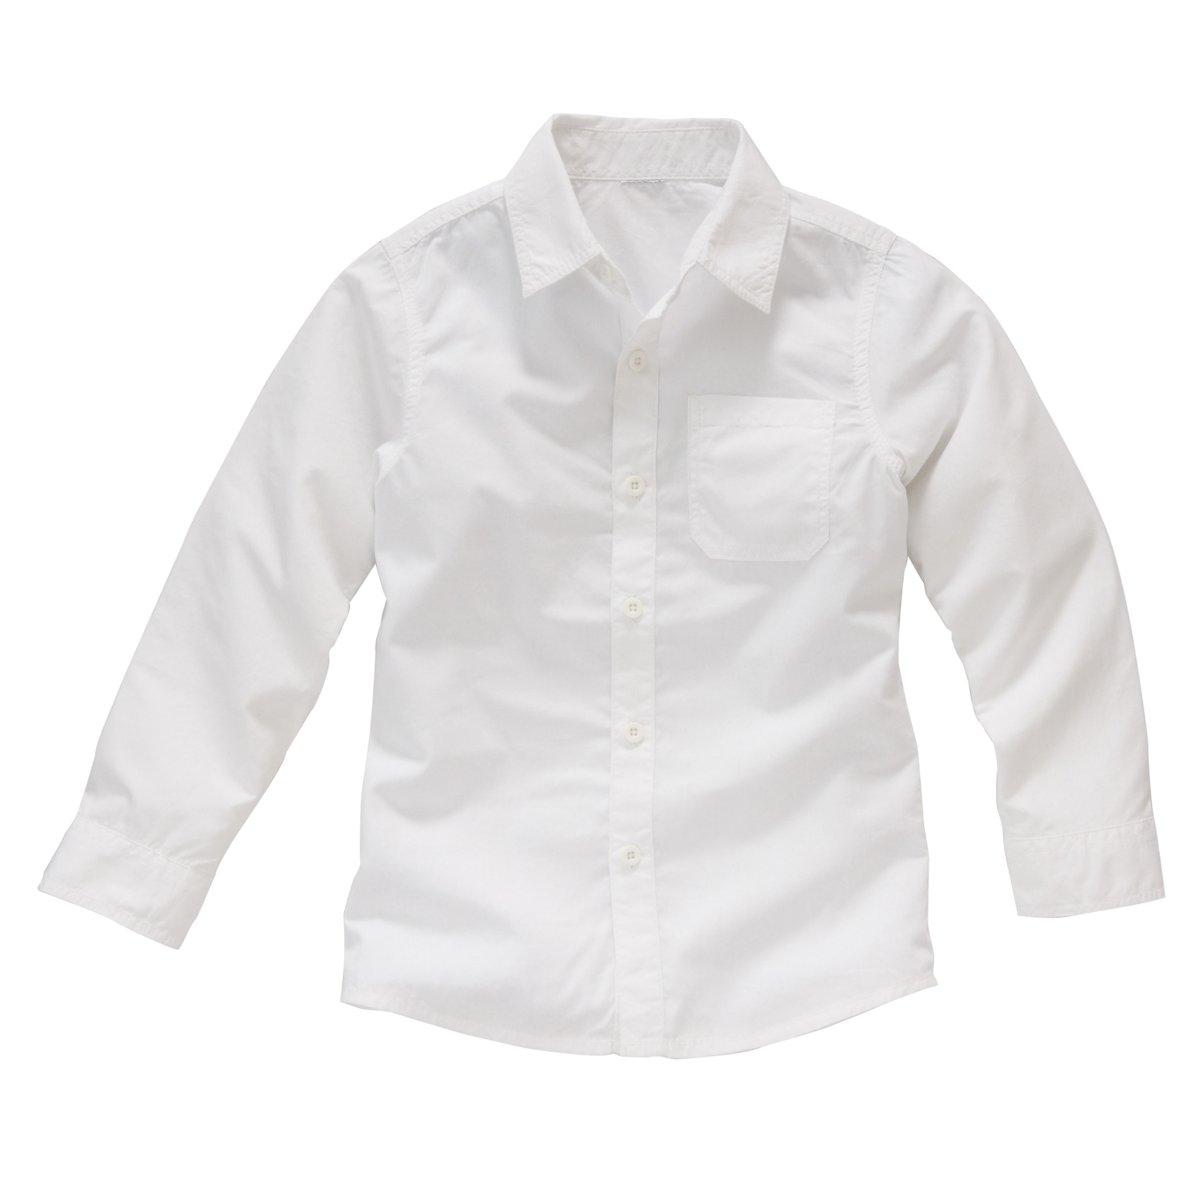 Рубашка стандартного покроя из хлопка для мальчикаОписание  •  Длинные рукава •  Прямой покрой •  Классический воротник Состав и уход  •  100% хлопок •  Машинная стирка при 40 °С •  Сухая чистка и отбеливание запрещены   •  Машинная сушка в деликатном режиме •  Гладить при средней температуре<br><br>Цвет: белый<br>Размер: 4 года - 102 см.5 лет - 108 см.3 года - 94 см.6 лет - 114 см